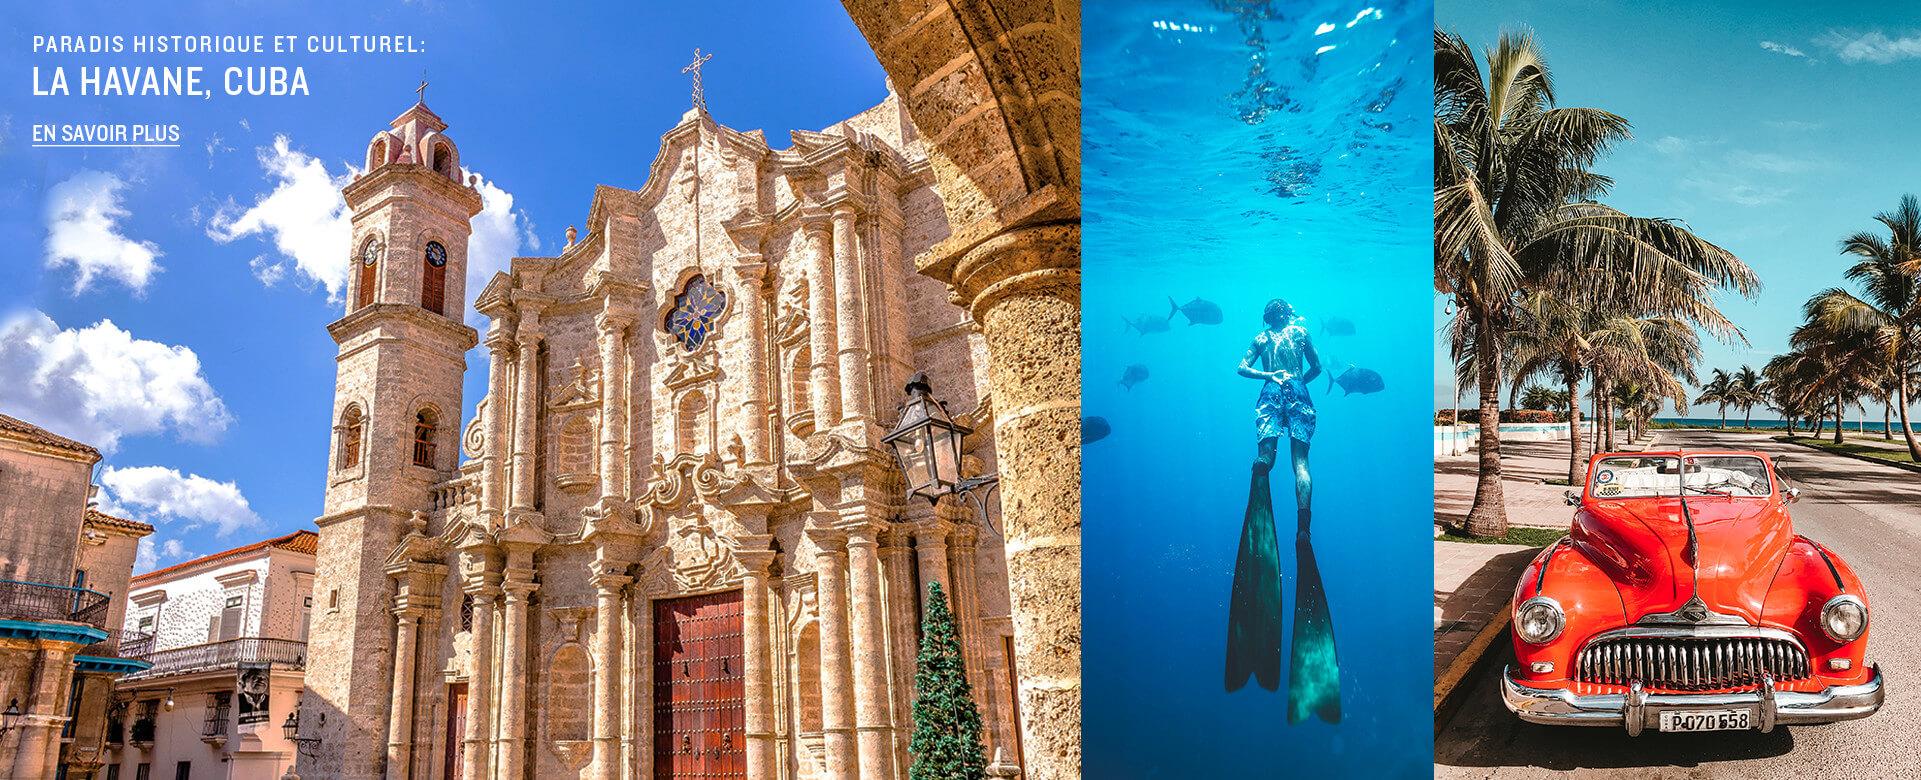 Paradis Historique Et Culturel: La Havane, Cuba